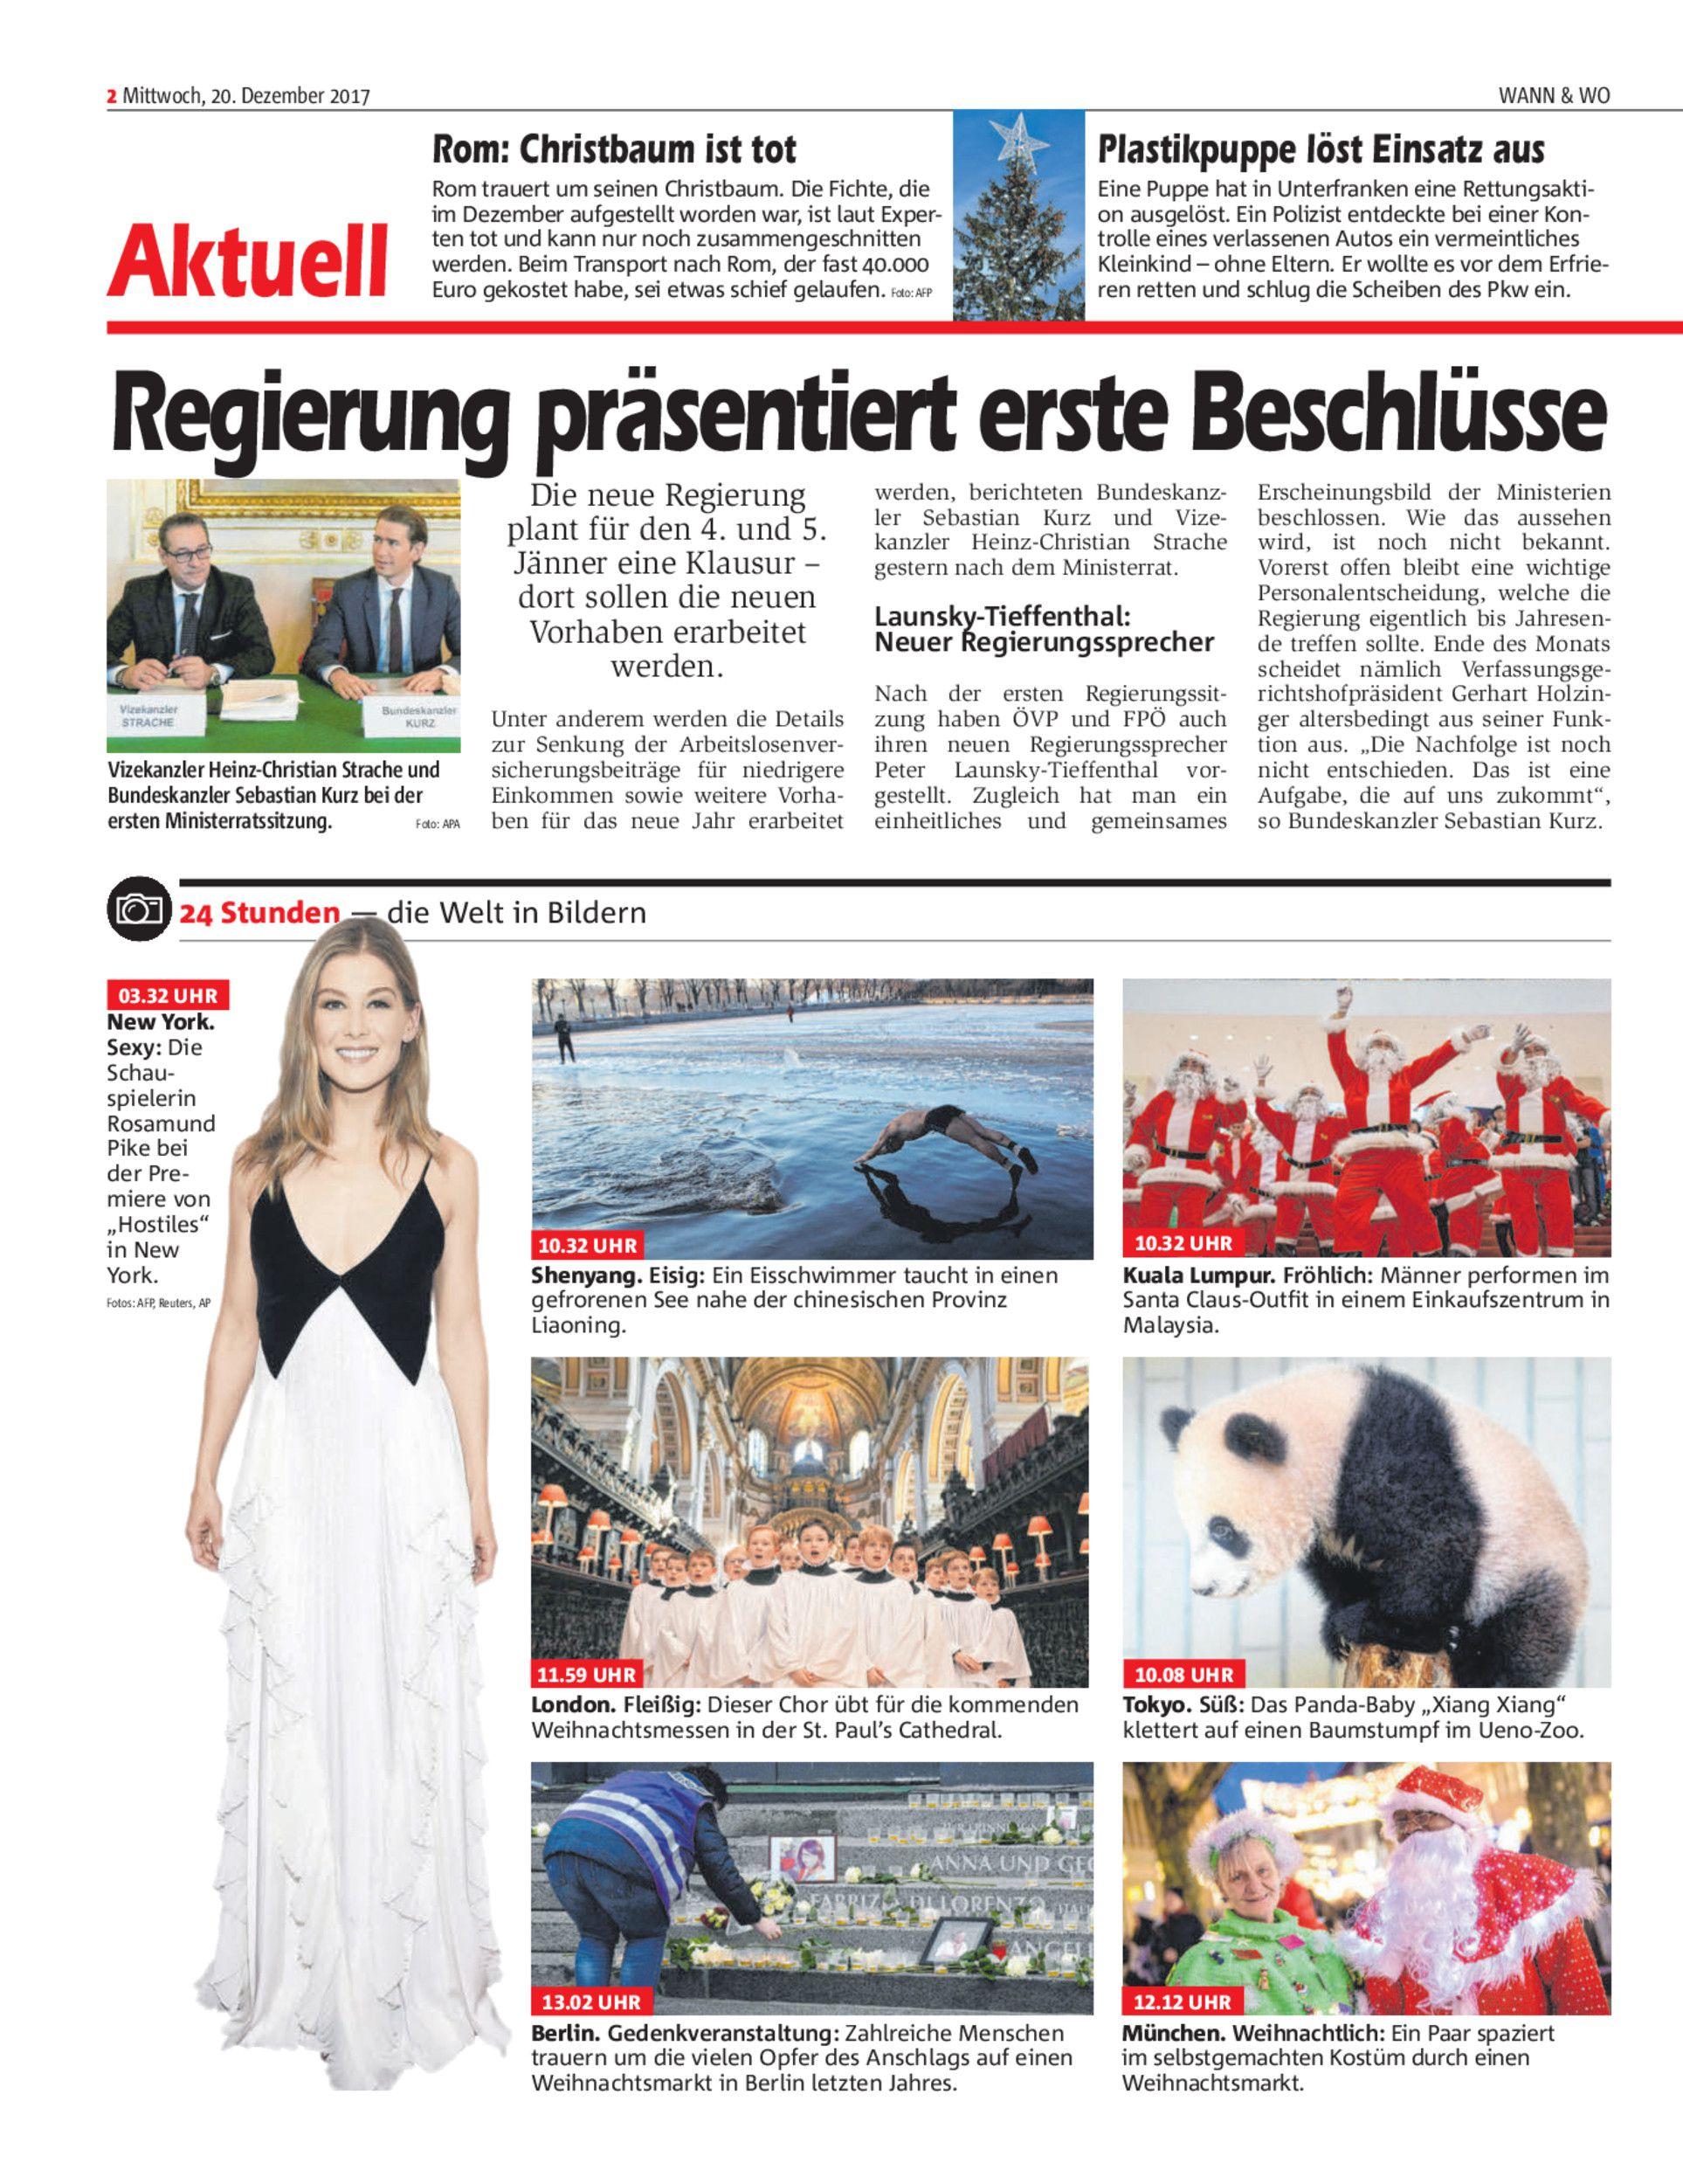 Singlebrse in Feldkirch und Singletreff: Jungfrau Alter 18-30